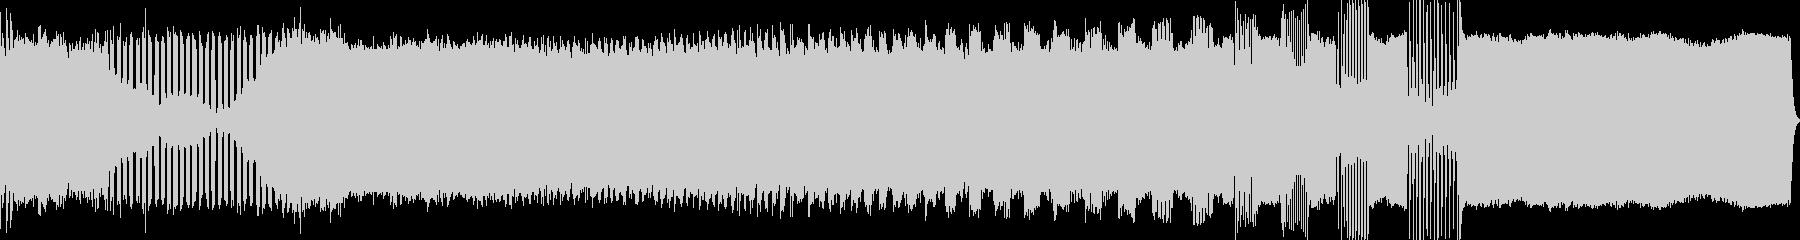 AMGアナログFX 5の未再生の波形